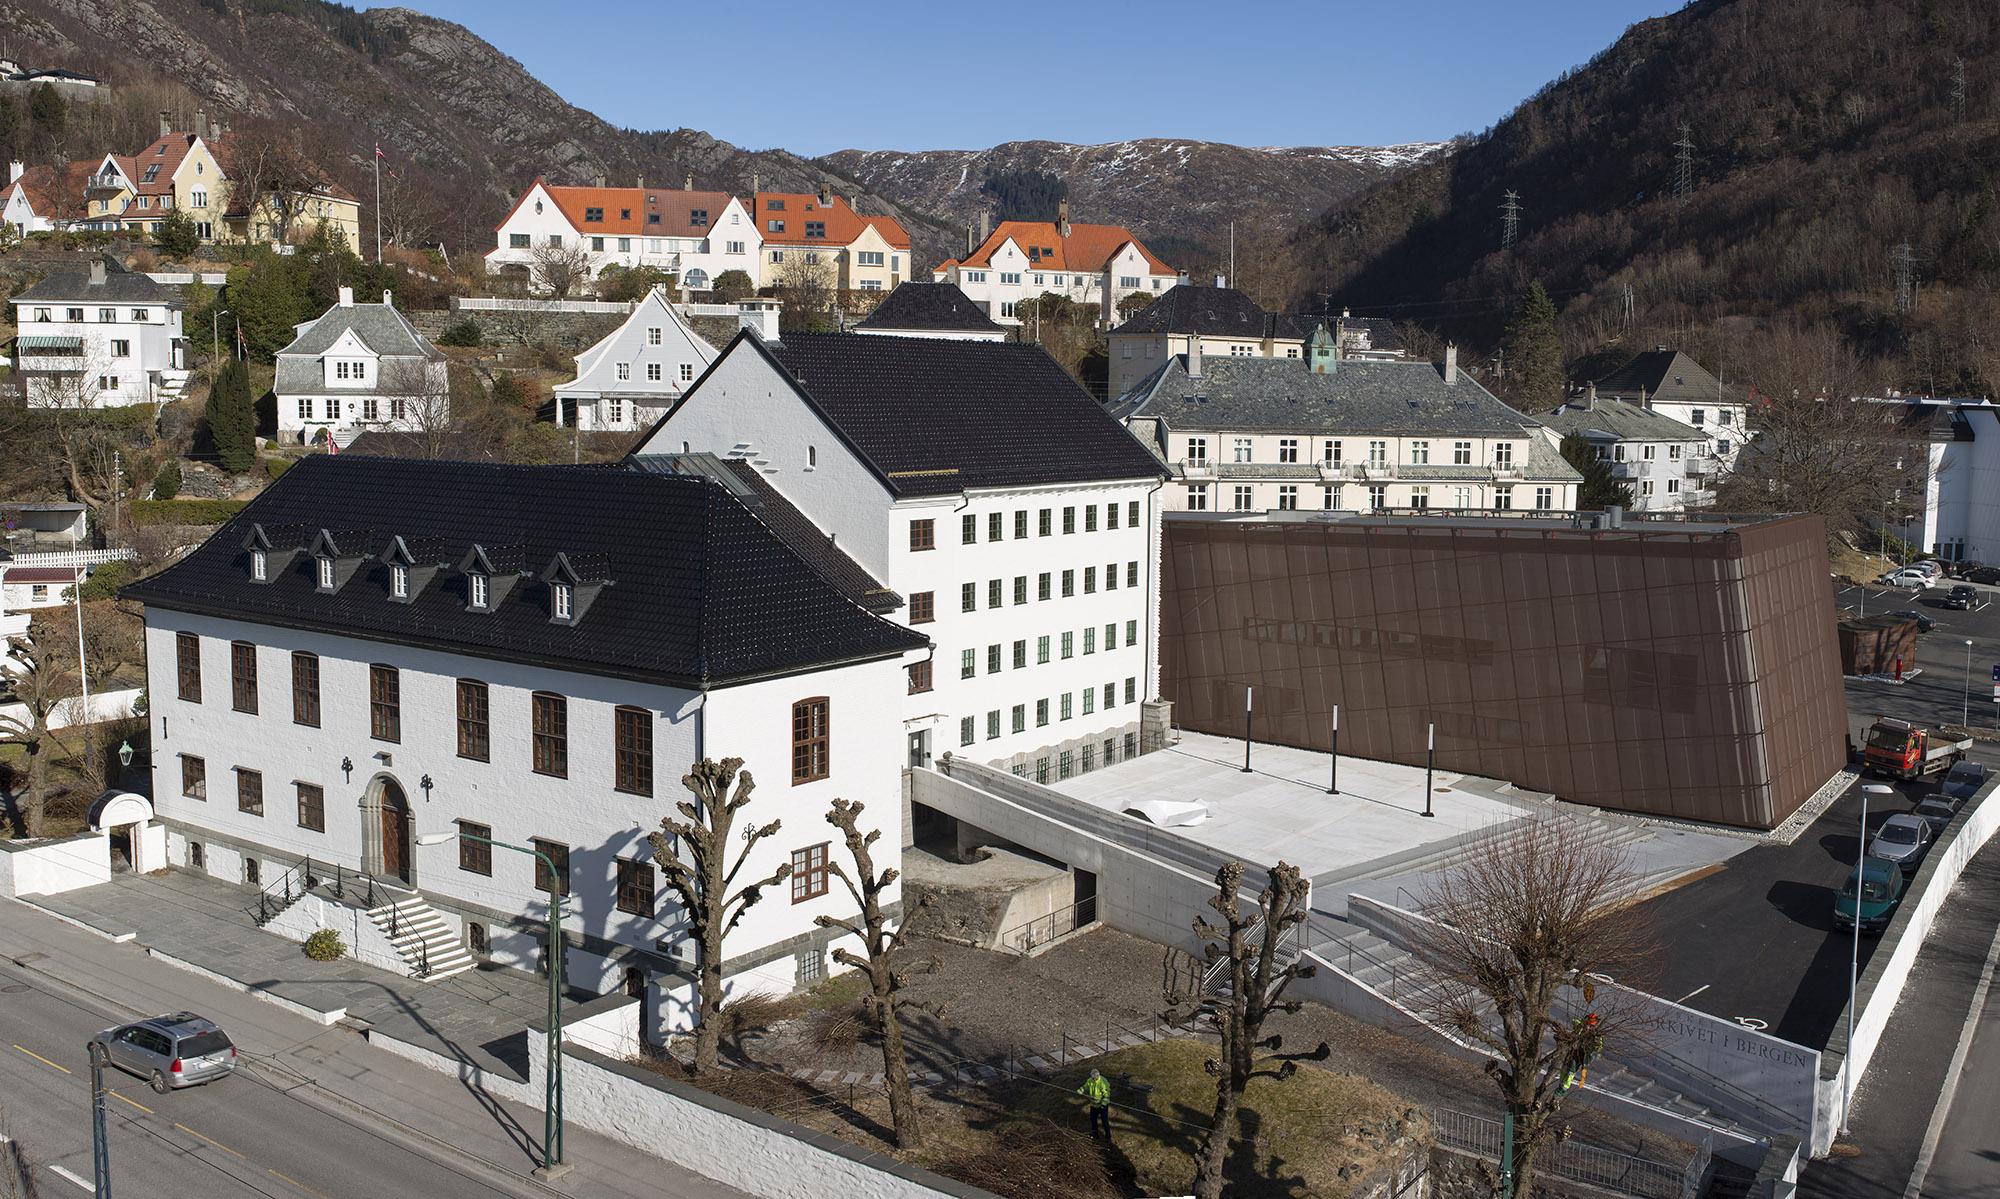 Bilde av Statsarkivet I Bergen. Foto: Trond A. Isaksen, Statsbygg